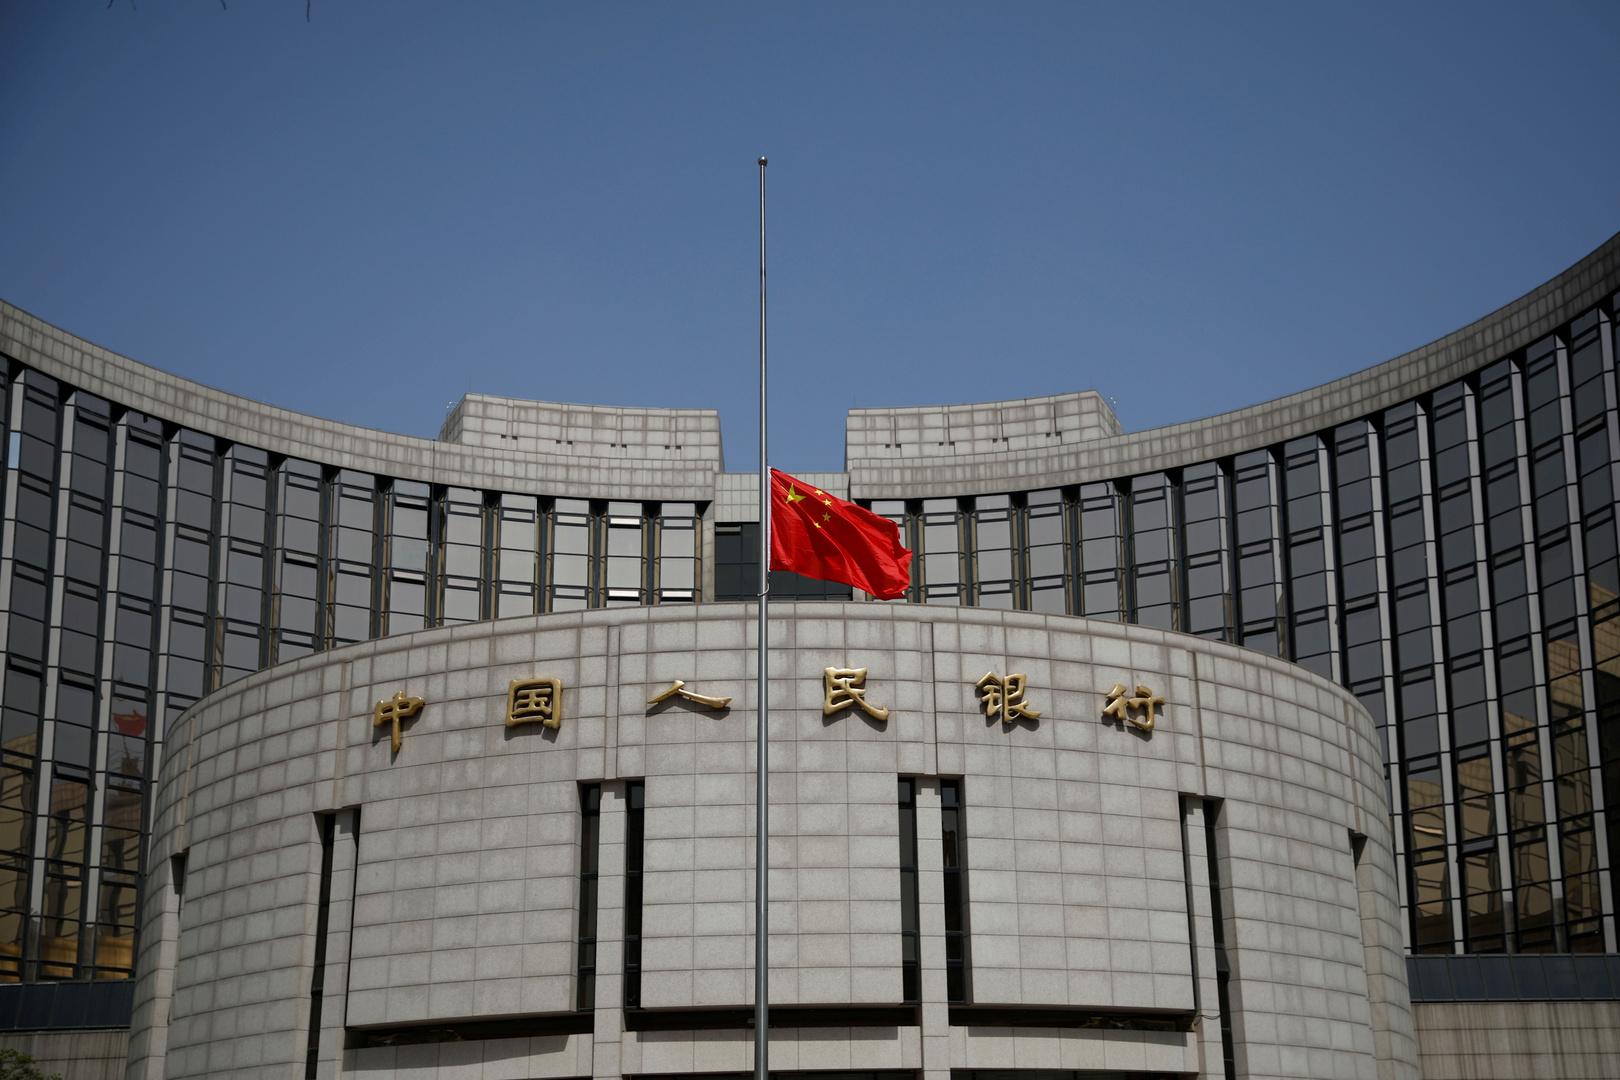 تراجع أرباح الشركات الحكومية الصينية 52.7% في 5 أشهر